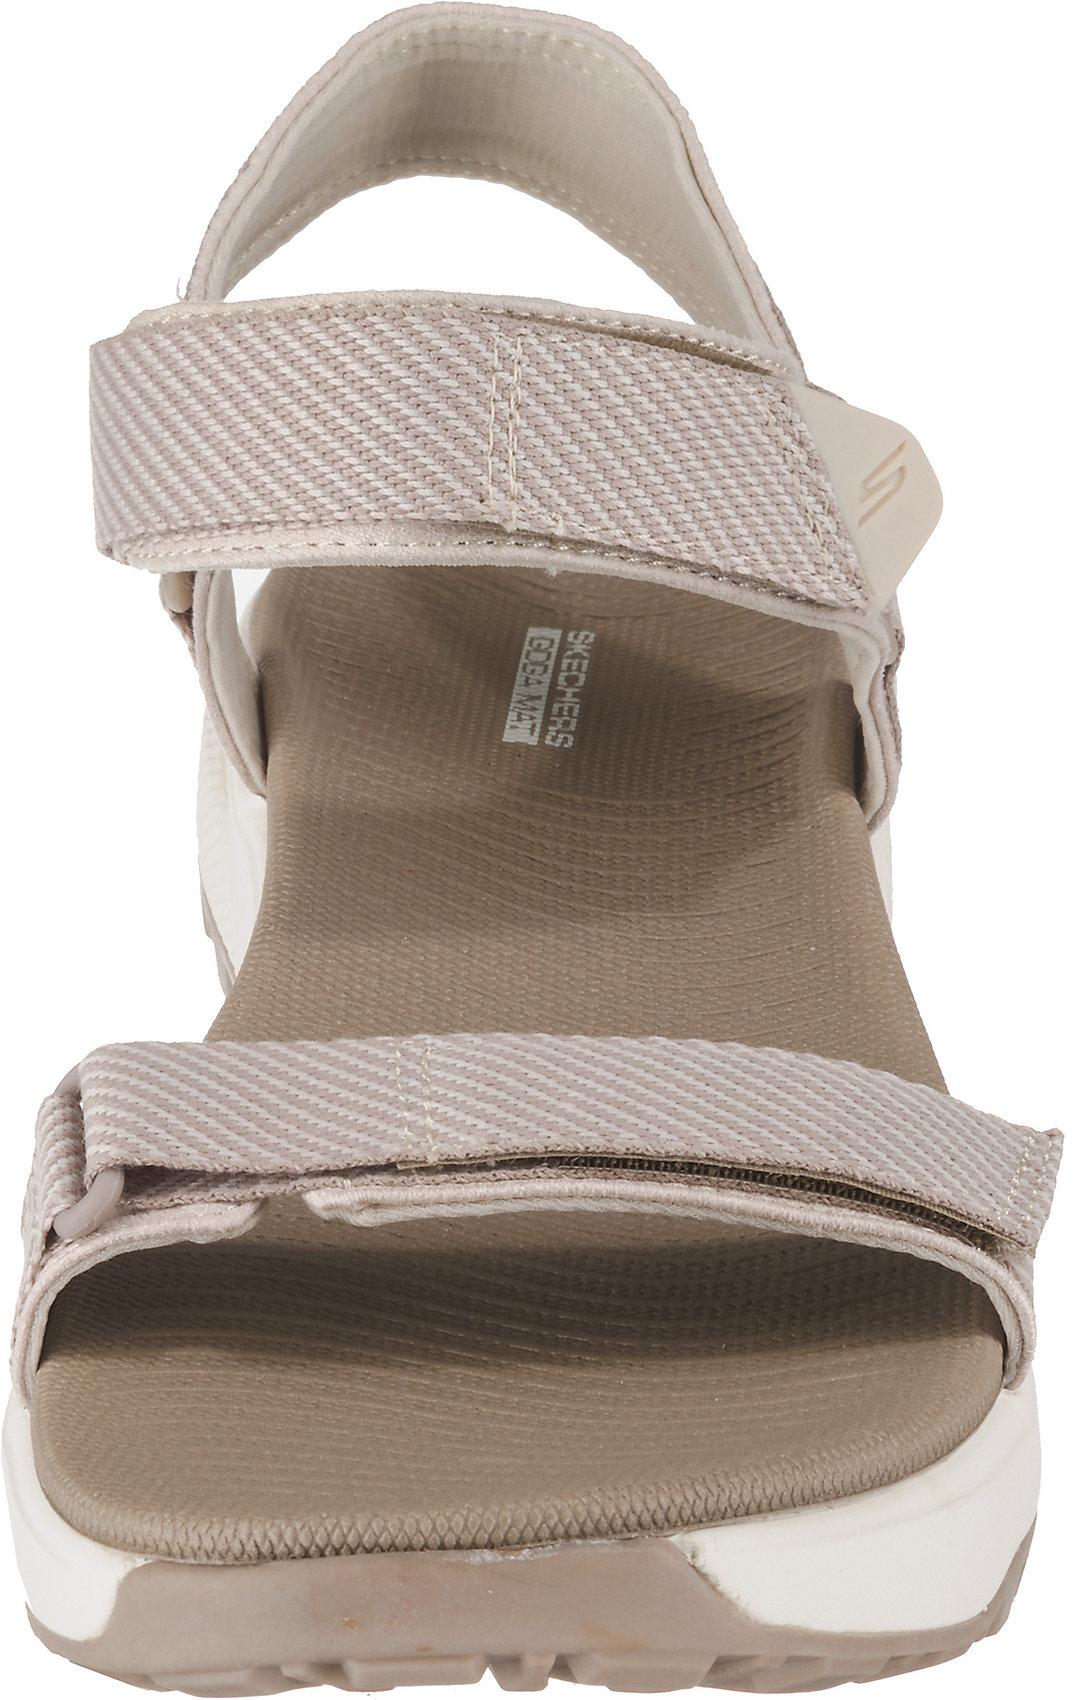 Details zu Neu SKECHERS OUTDOOR ULTRA CHERRY CREEK Komfort Sandalen 10744943 für Damen